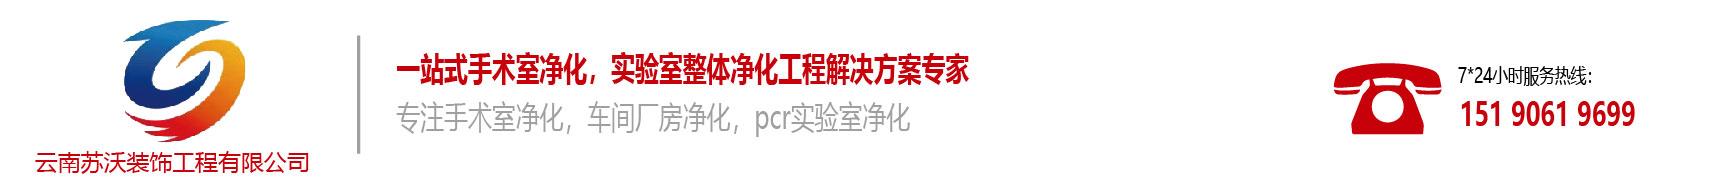 云南苏沃装饰工程有限公司